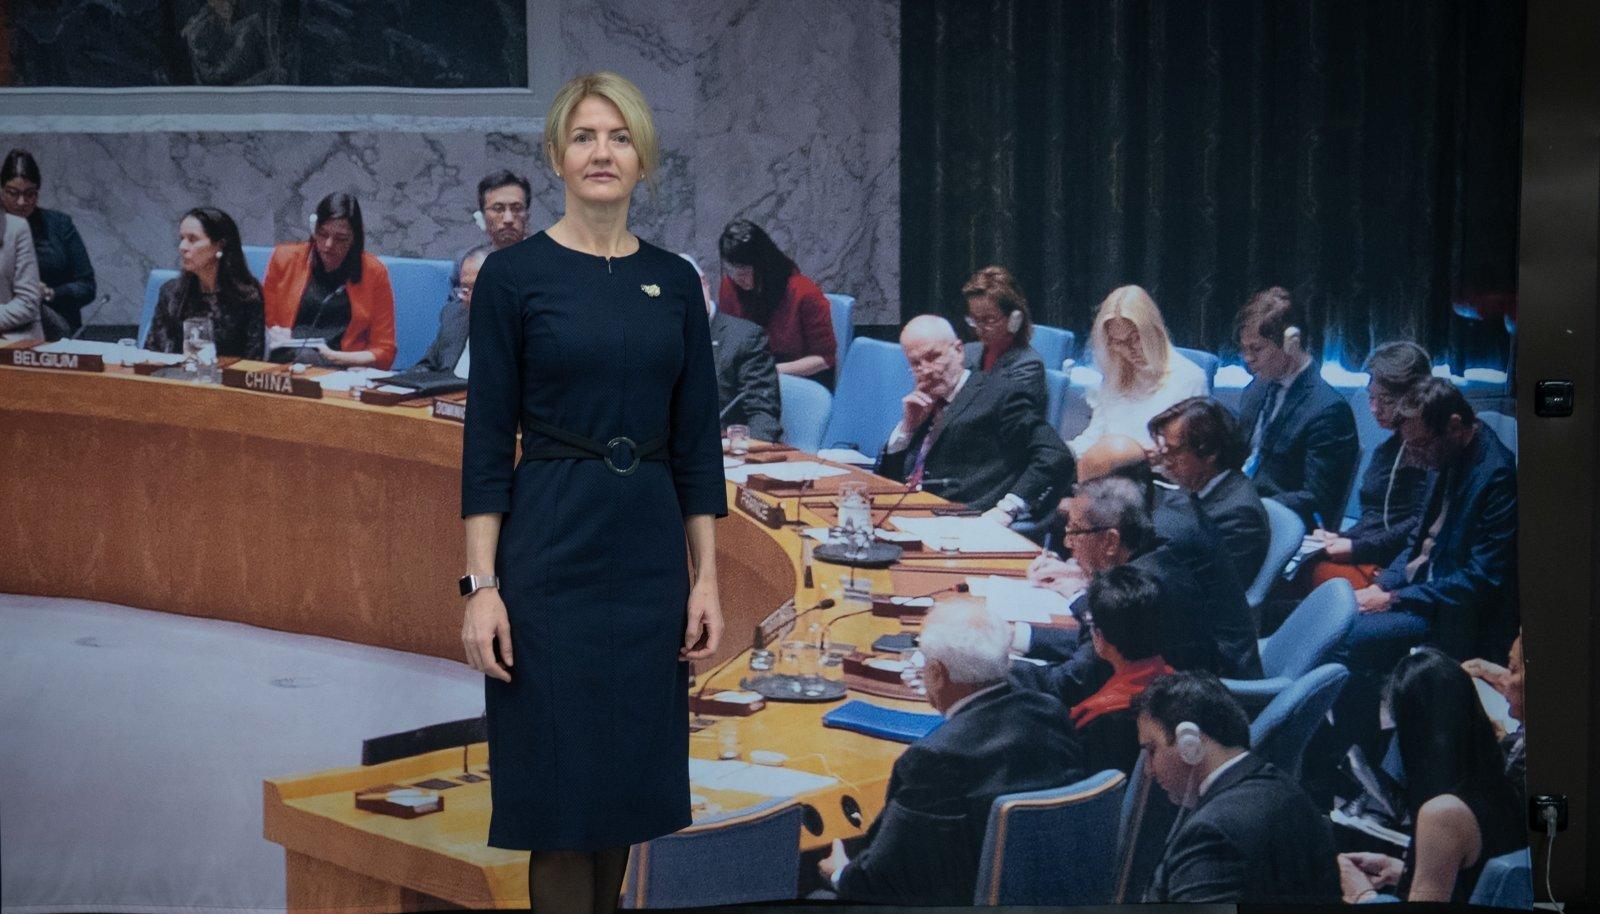 Välisminister Eva-Maria Liimetsa töö tulemus näiteks Soome piiriületusprobleemi lahendamises on olnud nullilähedane.